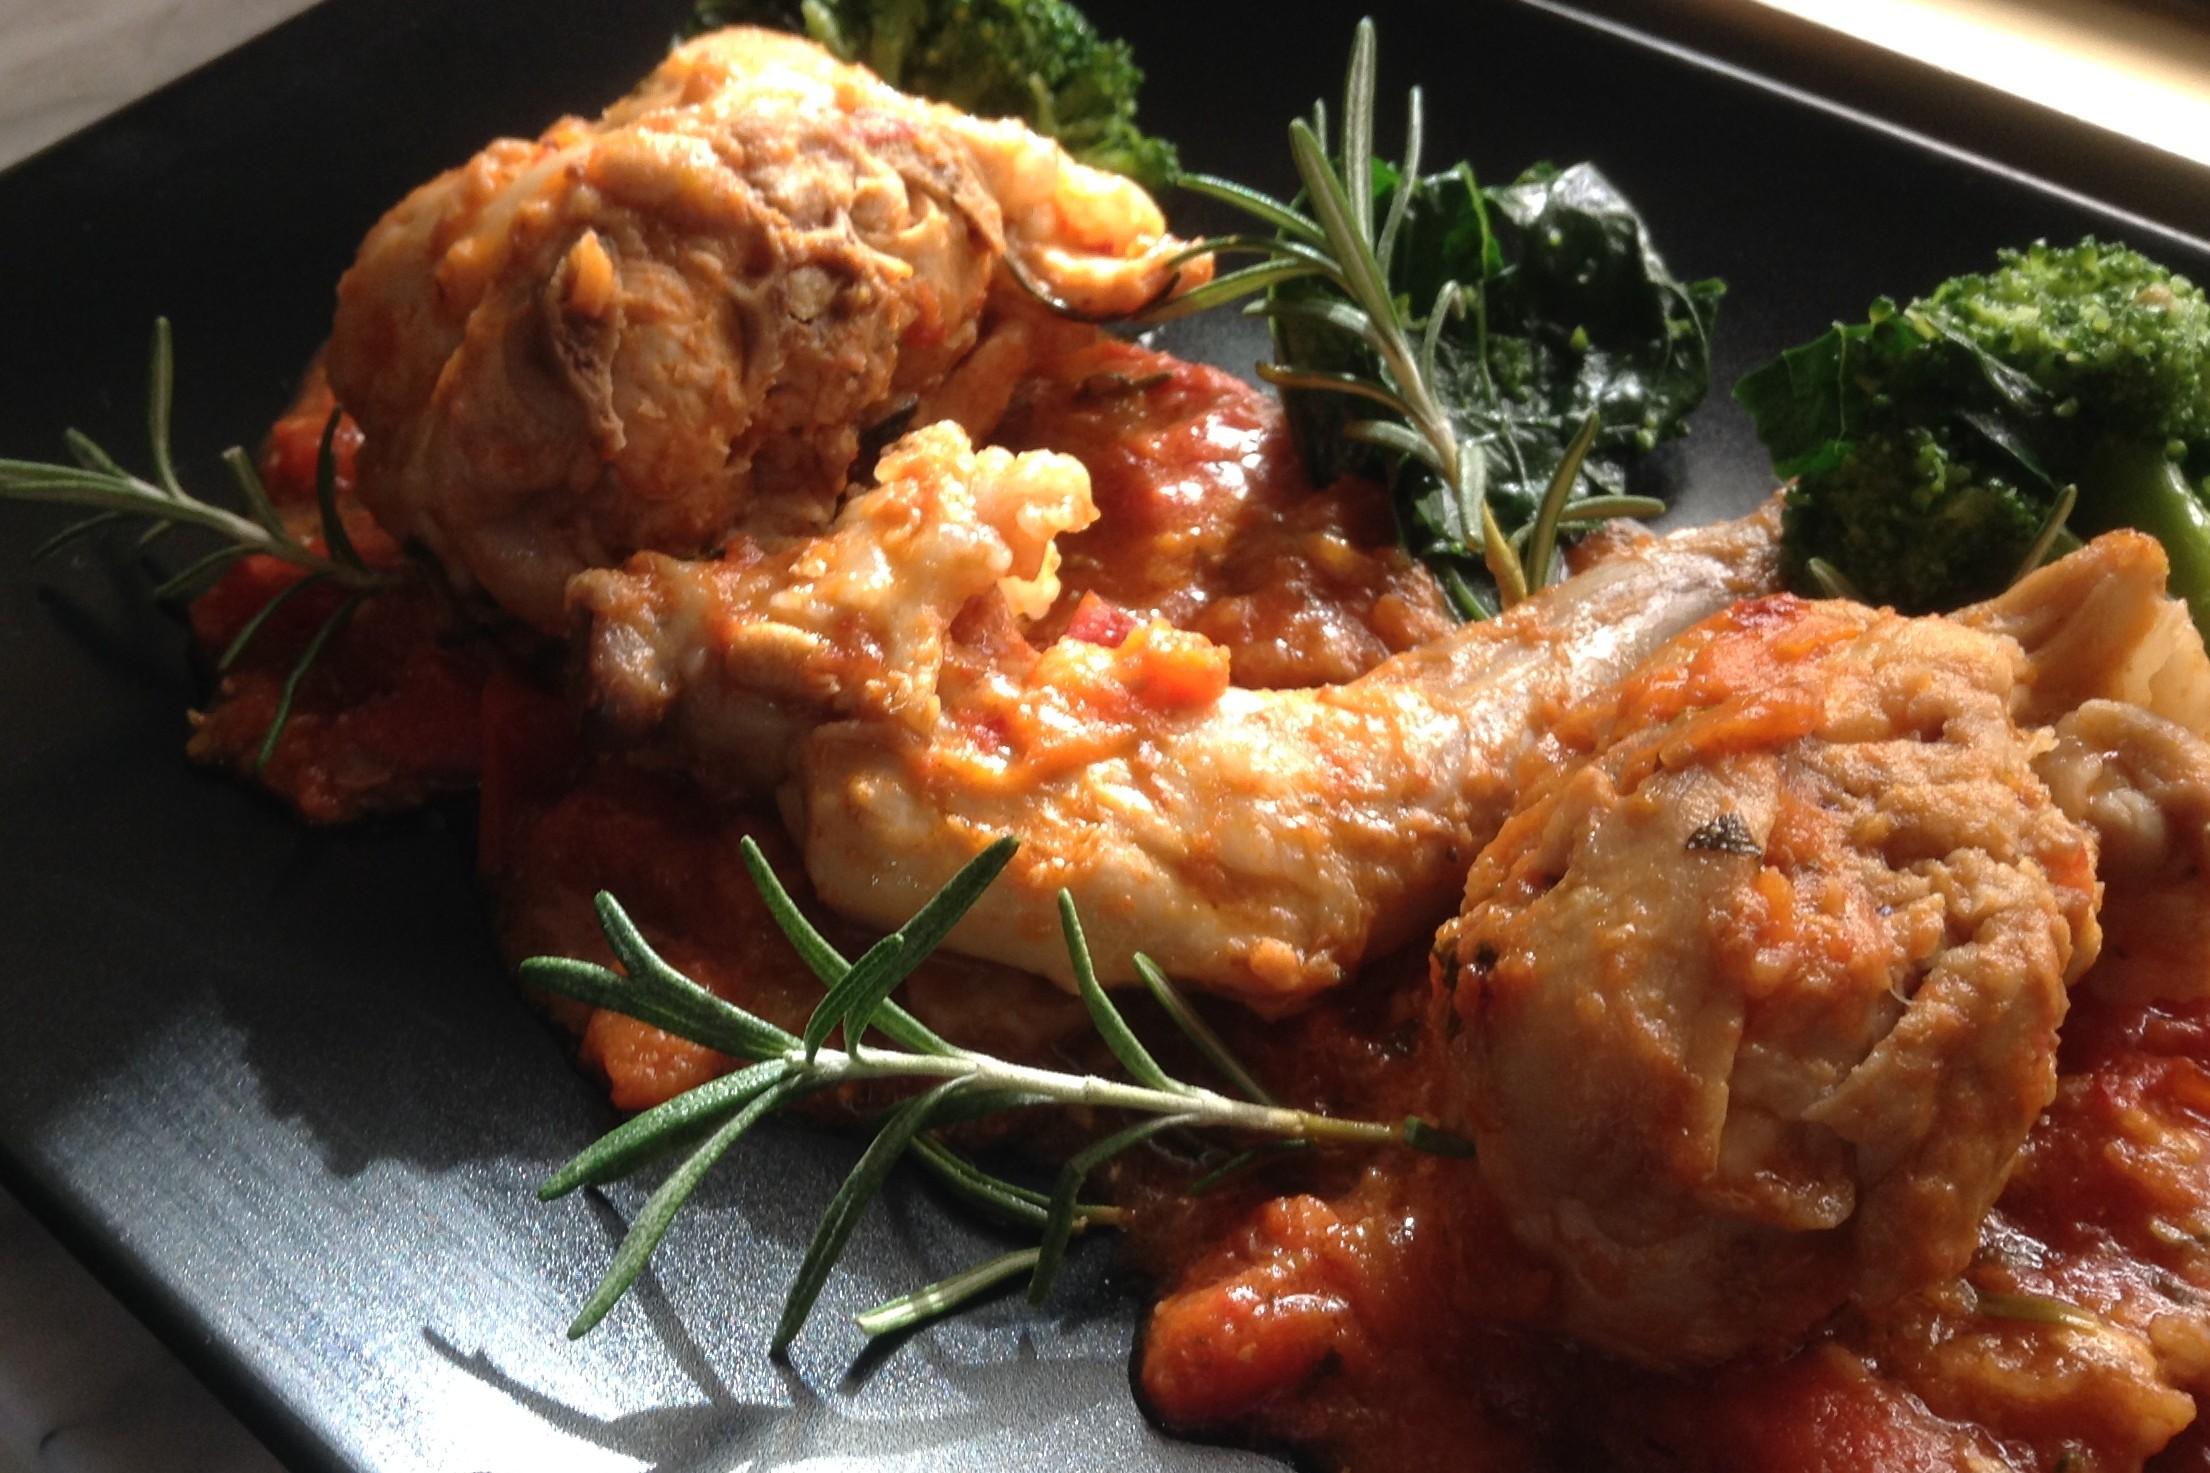 Coniglio alla cacciatora: la ricetta per prepararlo saporito e gustoso